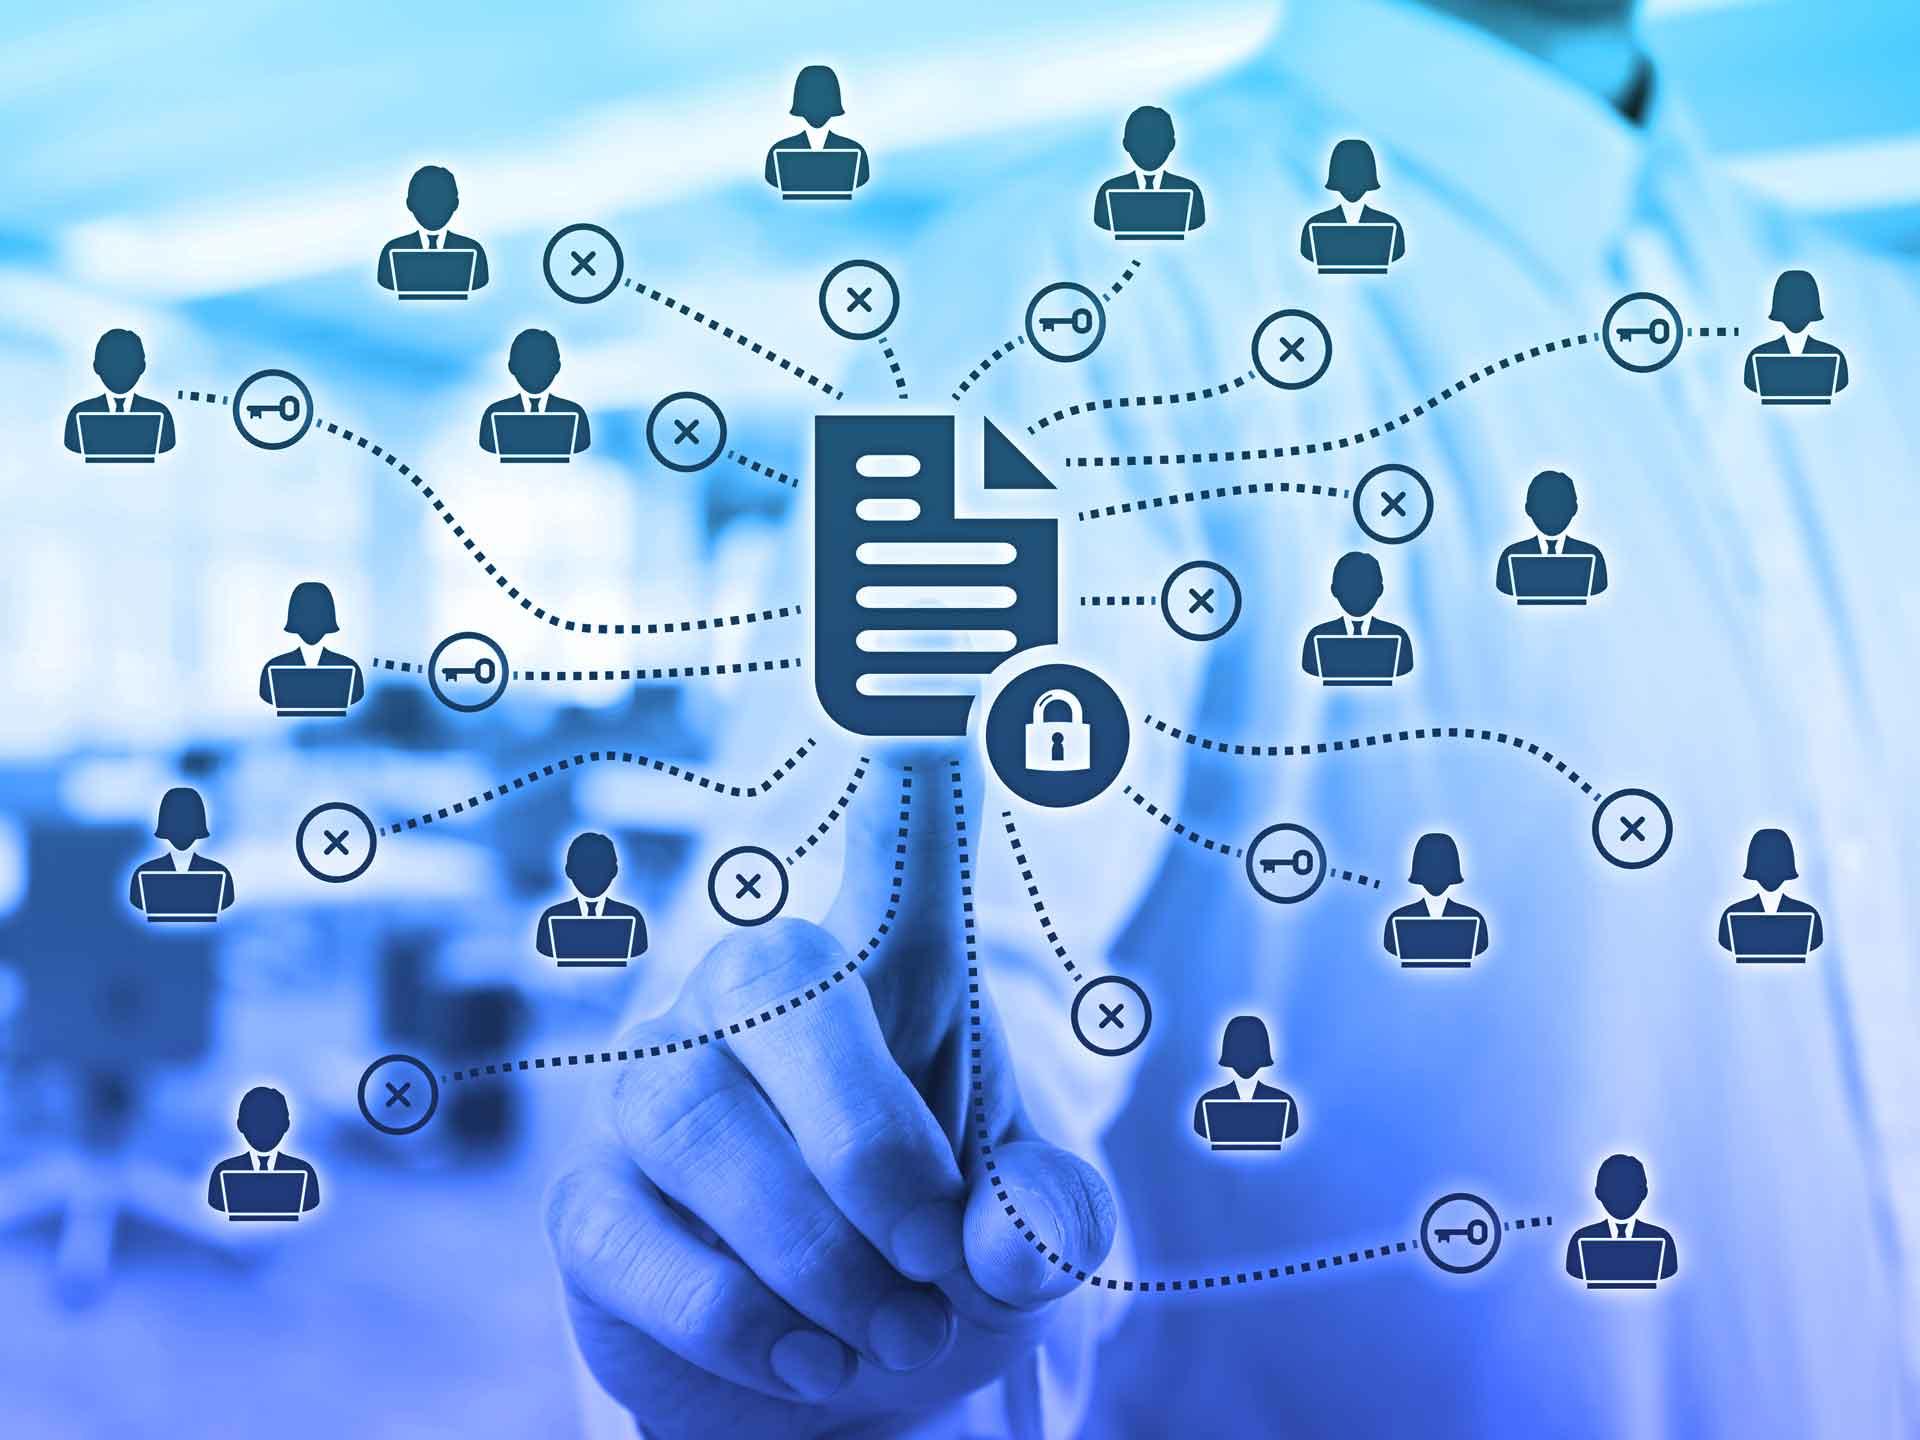 le réseau social d'entreprise Yammer est sécurisé